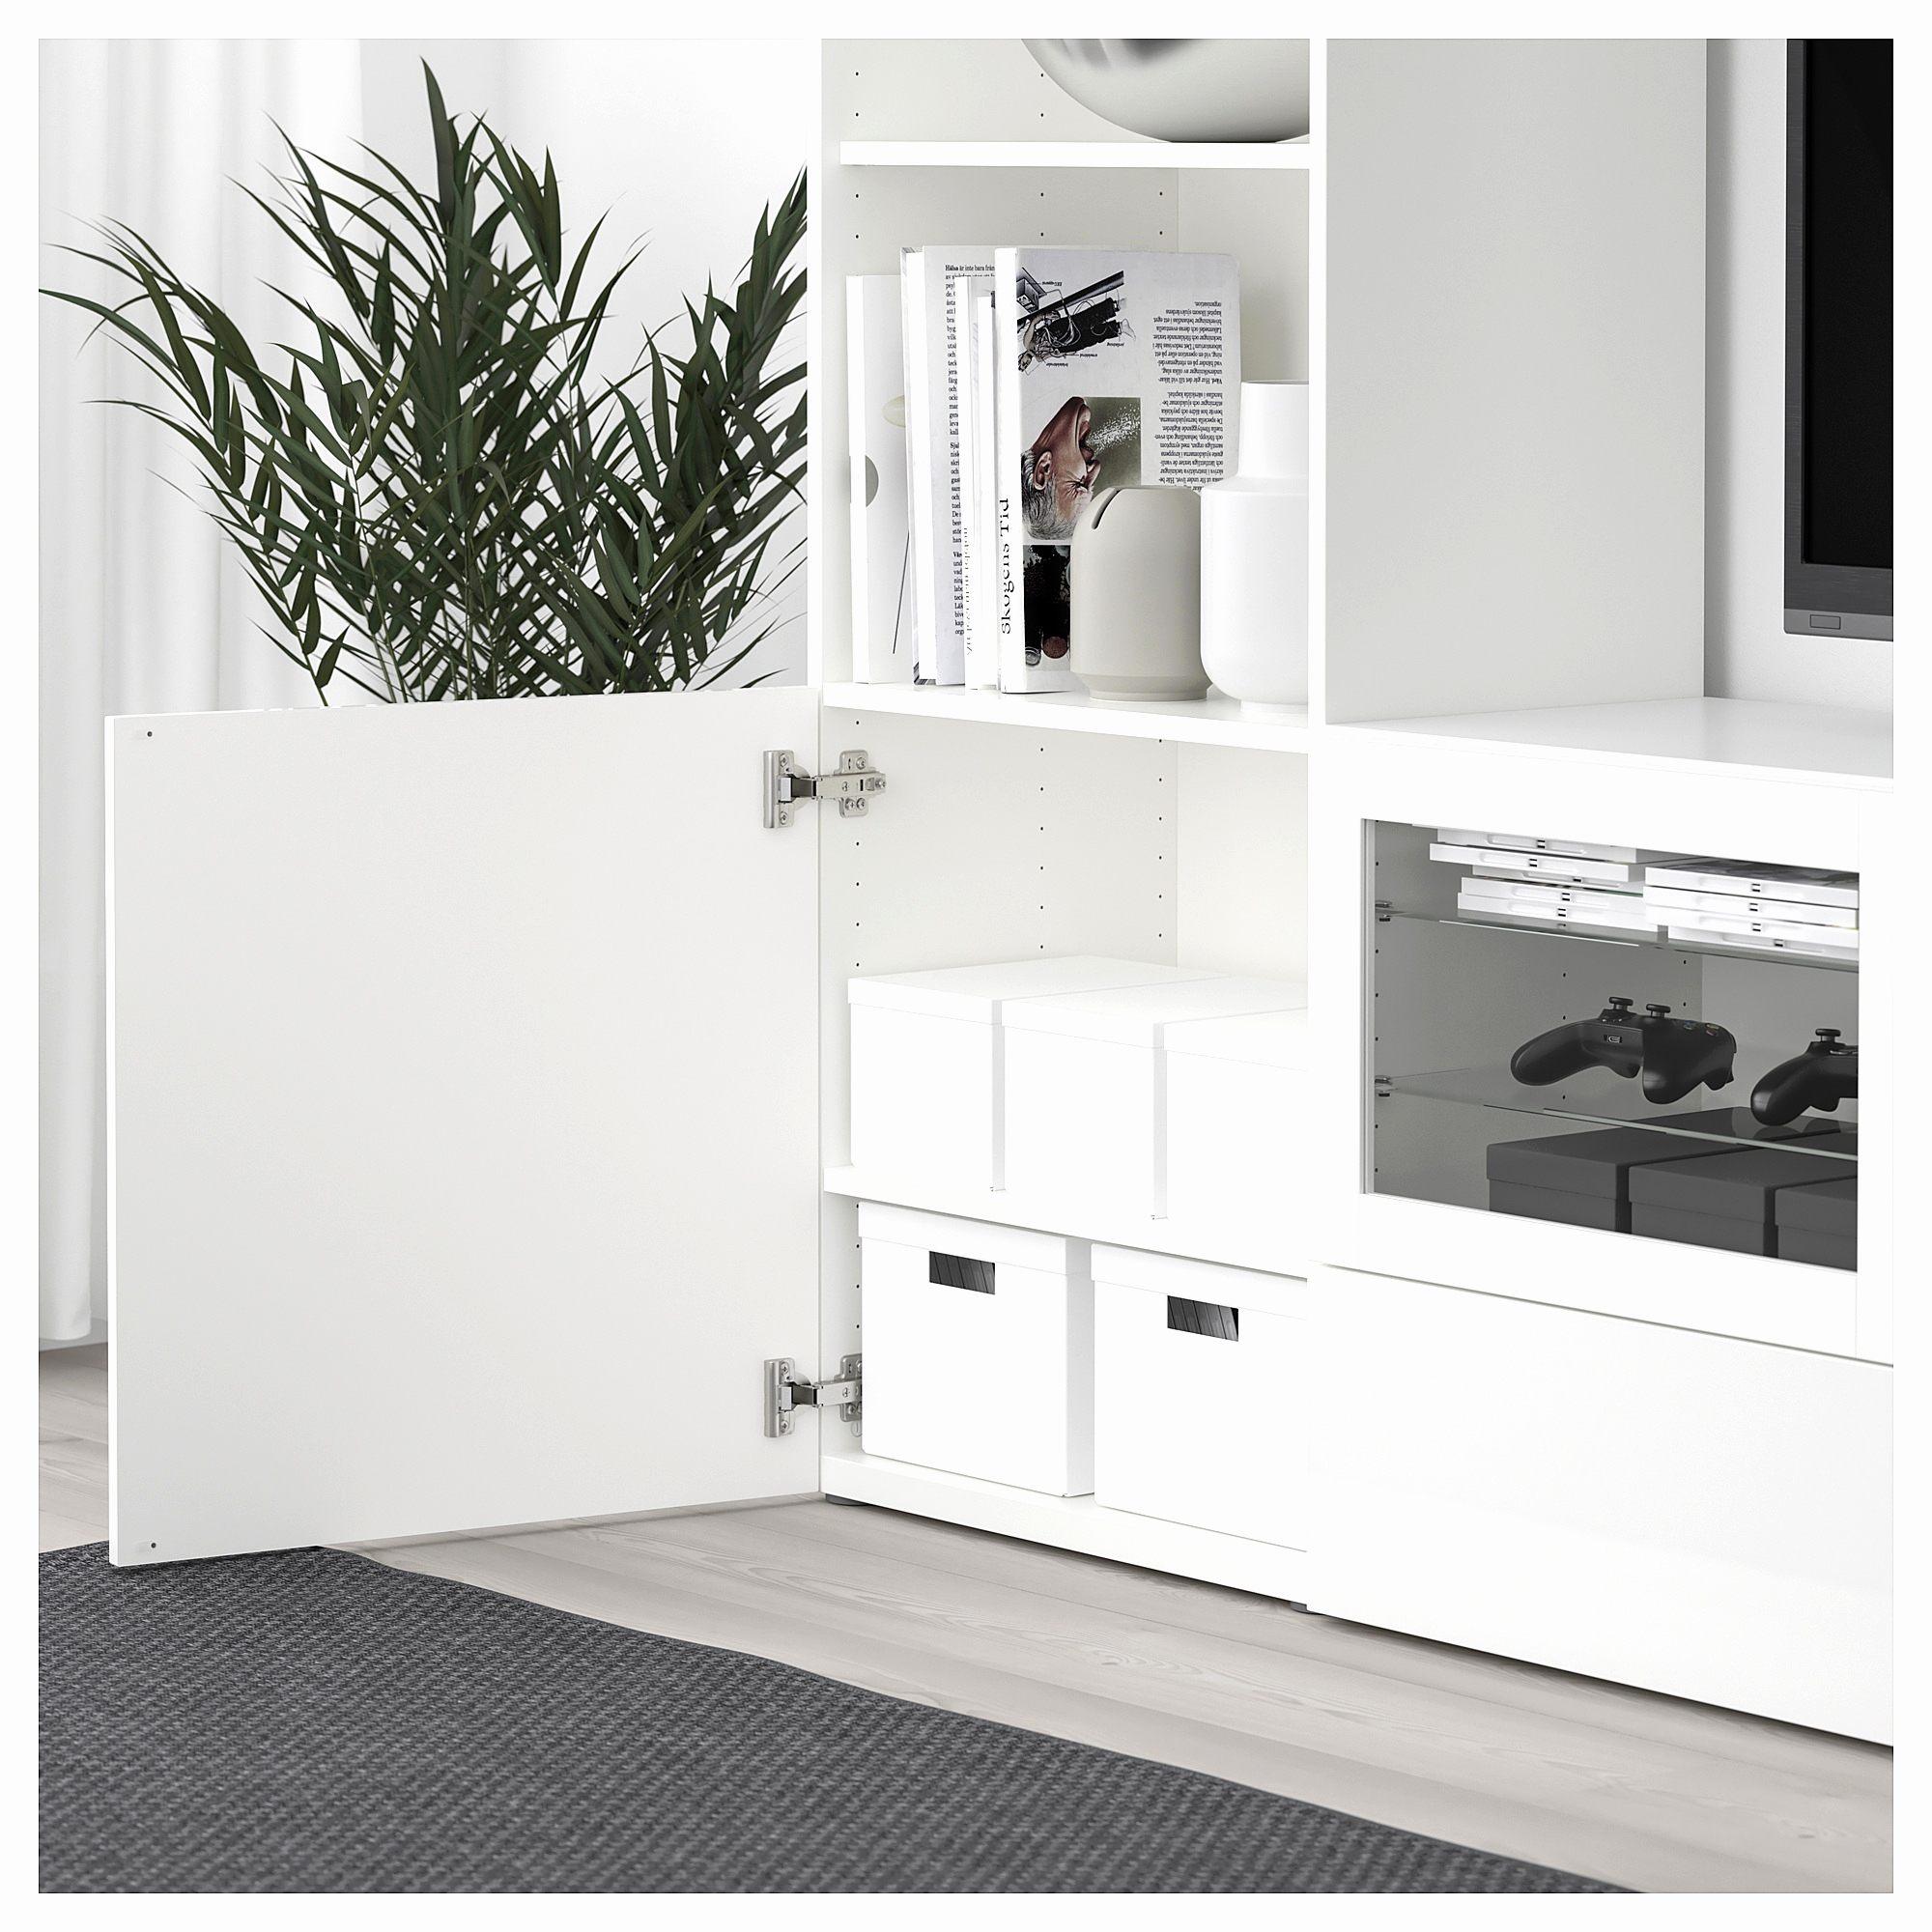 Lit Escamotable Pas Cher Charmant Lit Qui Monte Au Plafond Luxe Lit Escamotable Plafond Ikea élégant